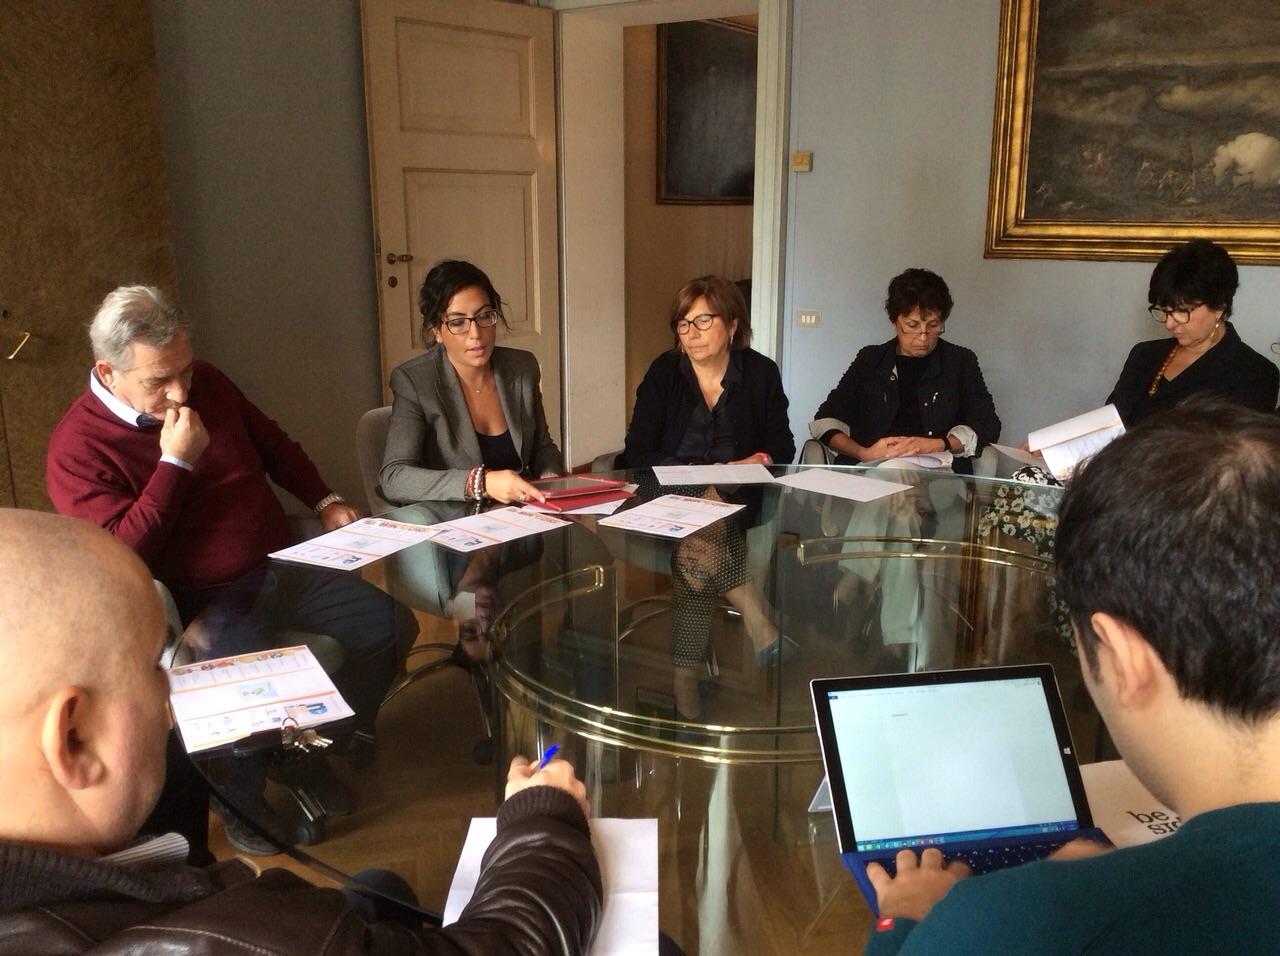 Scuole in Piemonte - Presentata la futura programmazione: parola d'ordine